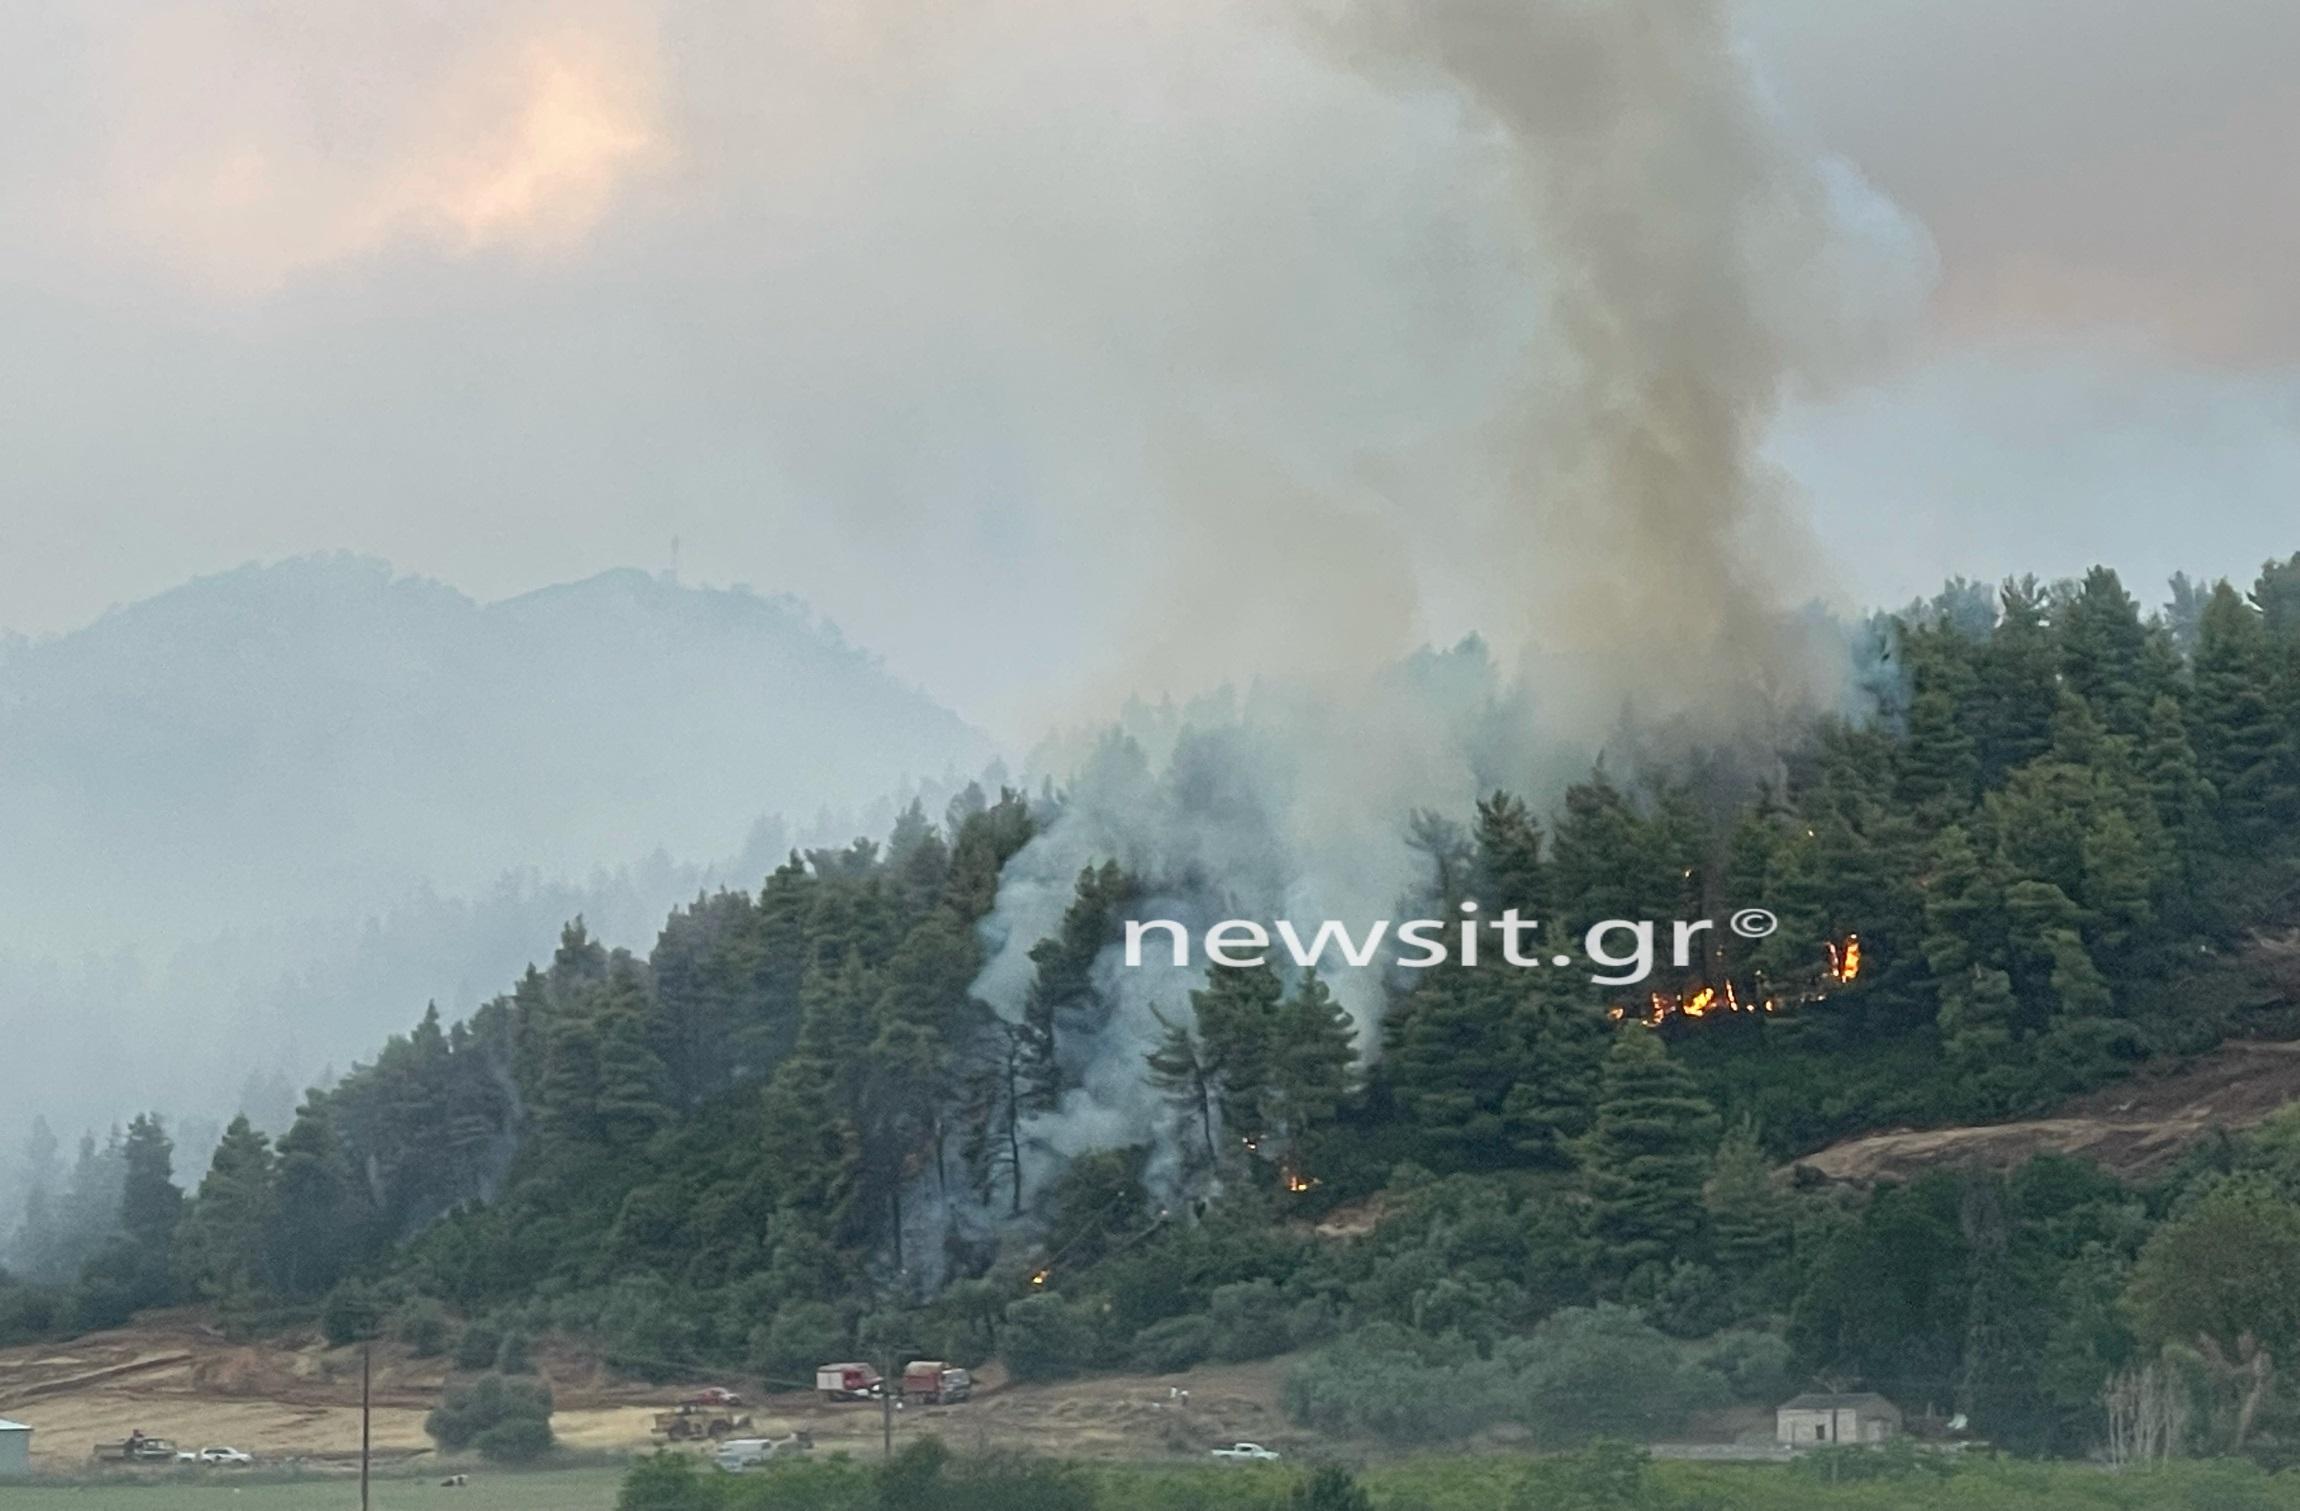 Φωτιά στην Εύβοια: Εικόνες βιβλικής καταστροφής στις Ροβιές – Καίγονται σπίτια